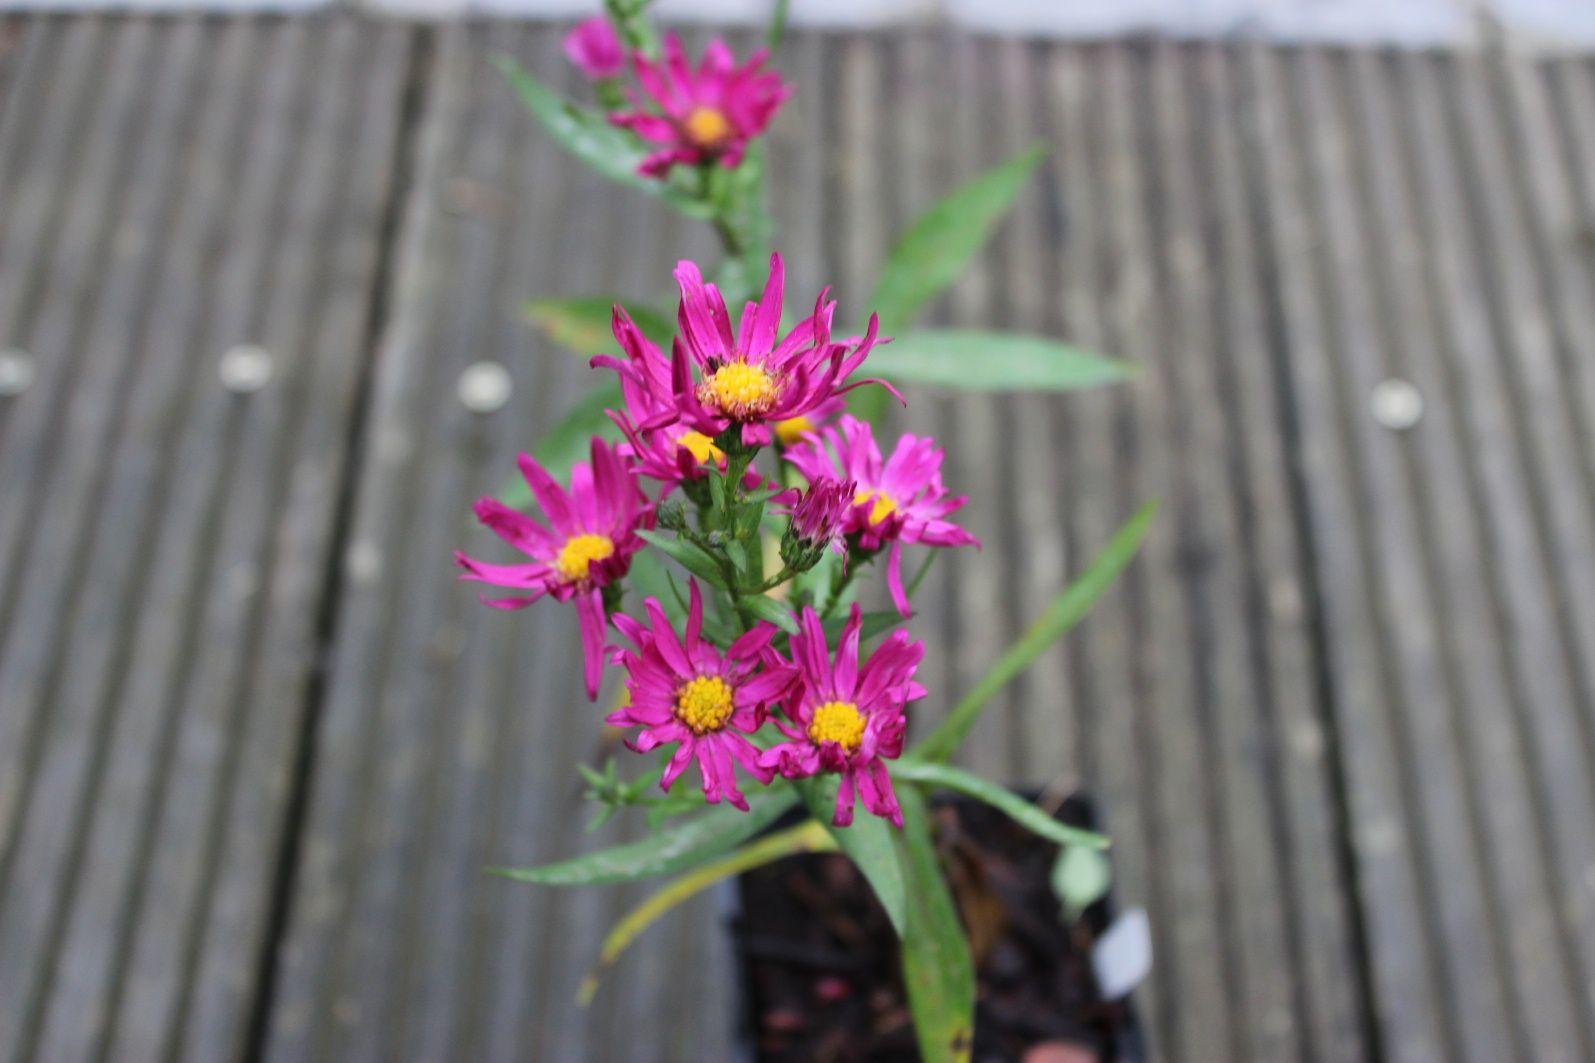 """L'aster dumosus """"Néron"""" devrait lui aussi illuminer le jardin avec sa couleur rose vive. Hauteur annoncée: 50 cm"""